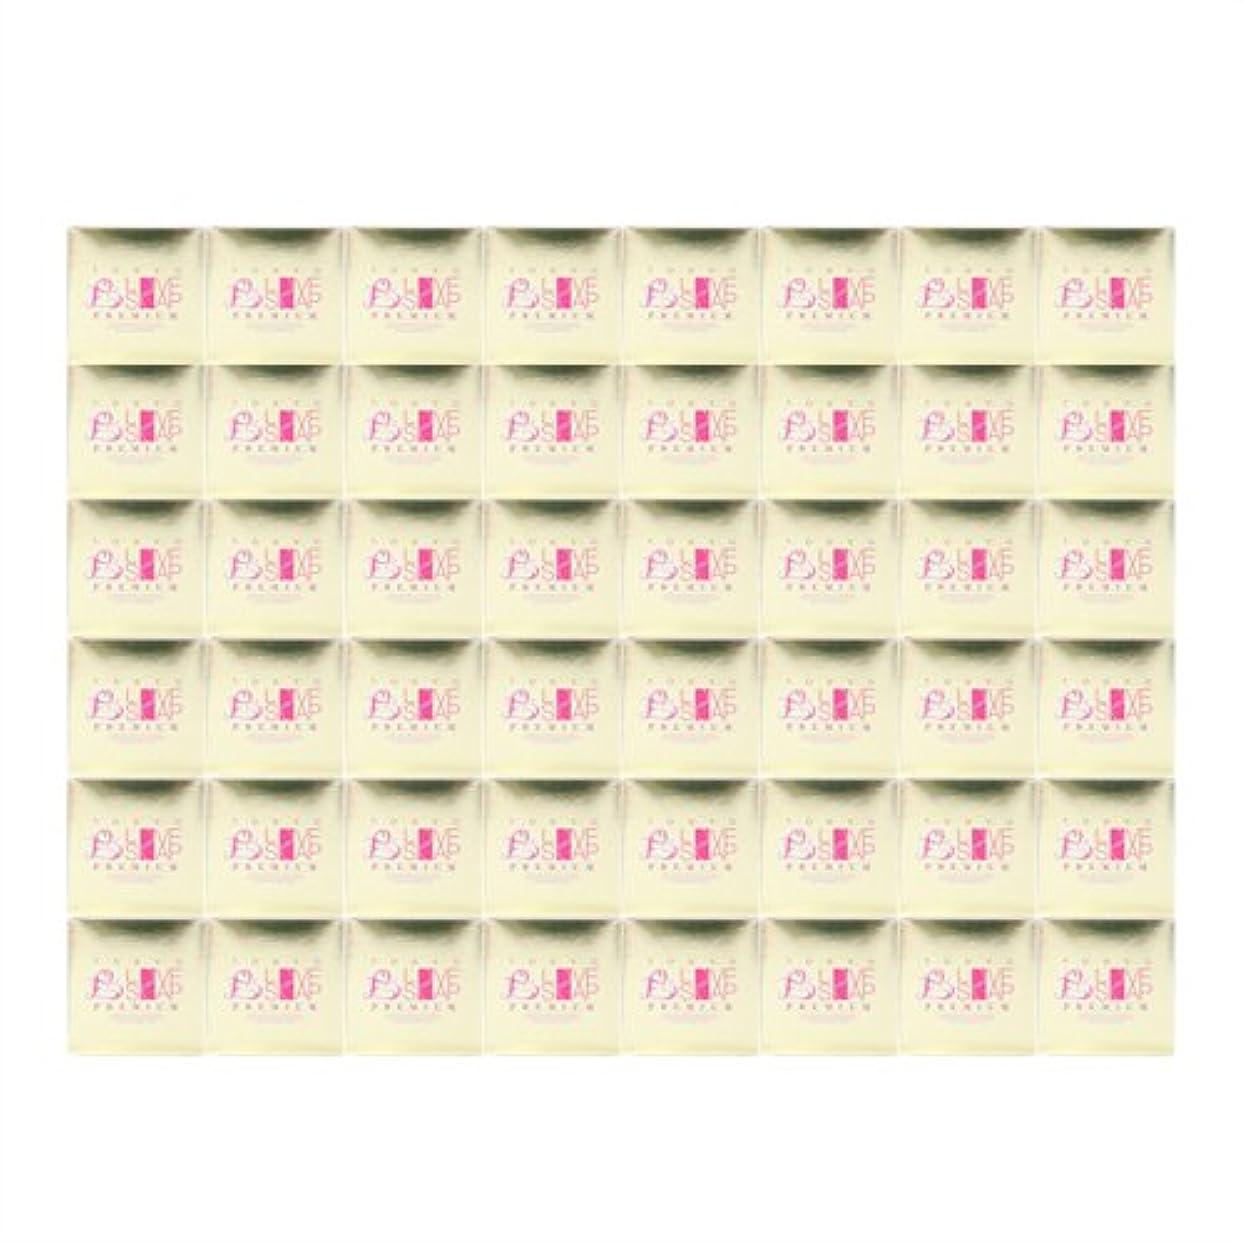 東京ラブソープ プレミアム (100g) 1ケース(48個入り)